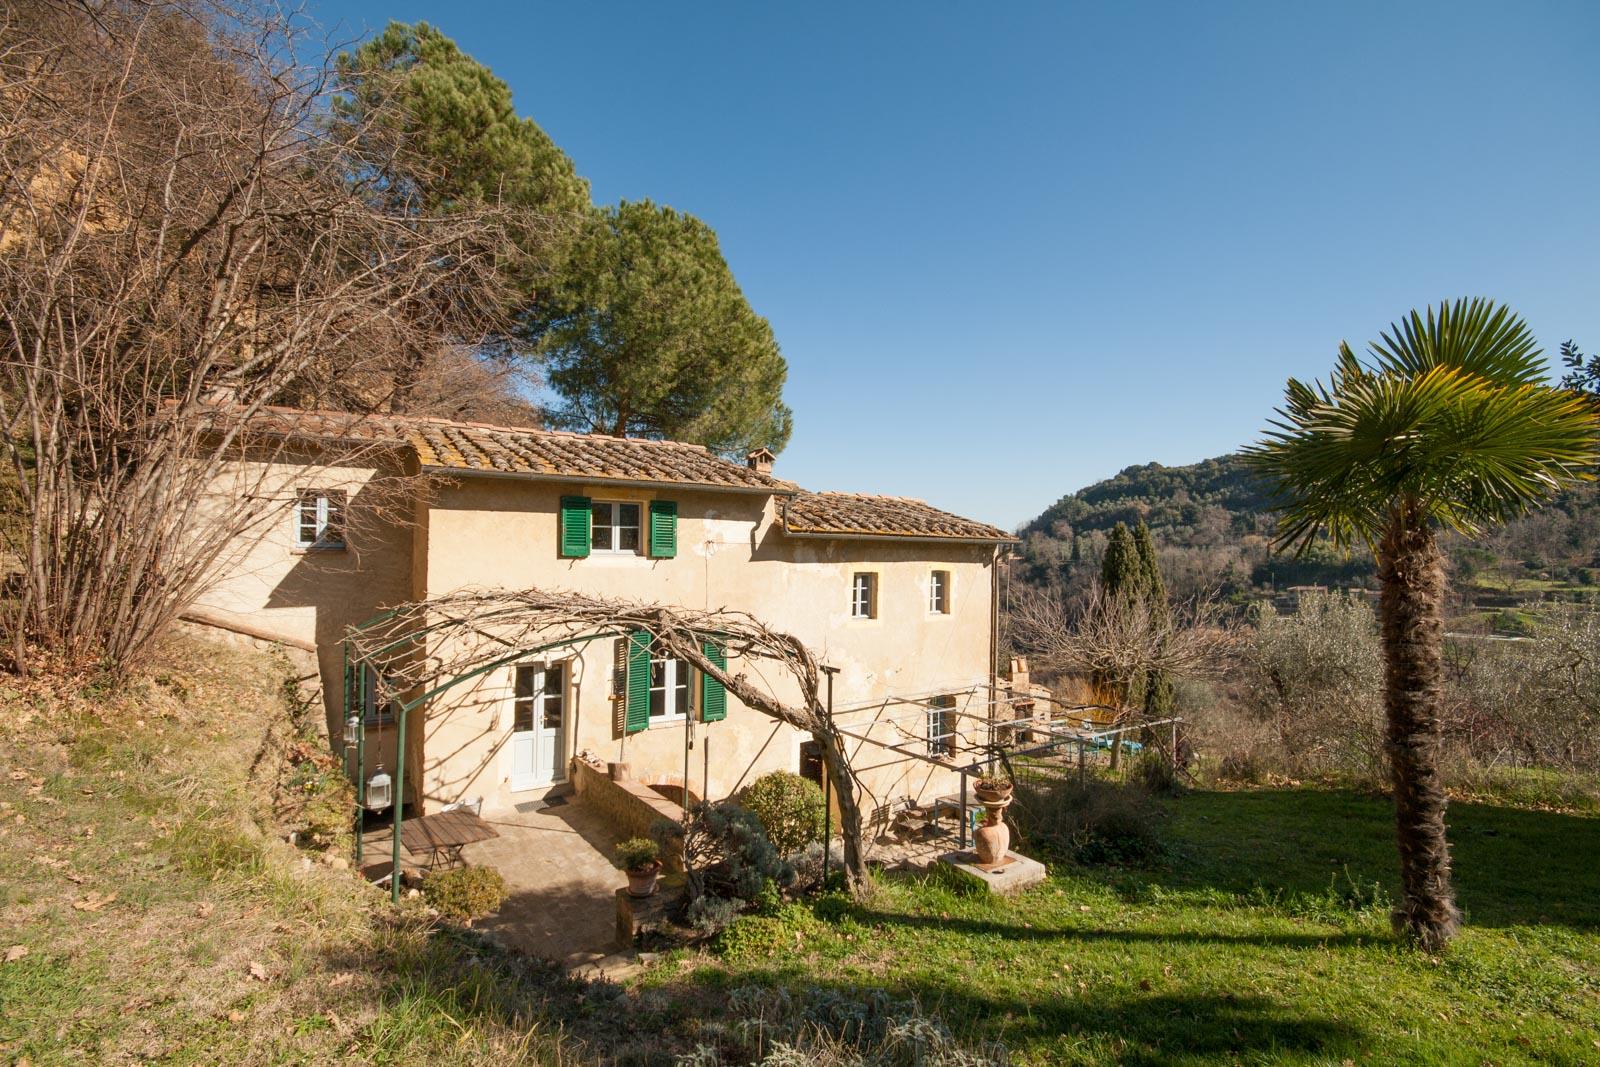 Case di campagna in vendita in italia toscana lombardia for Casa con 6 camere da letto in vendita vicino a me